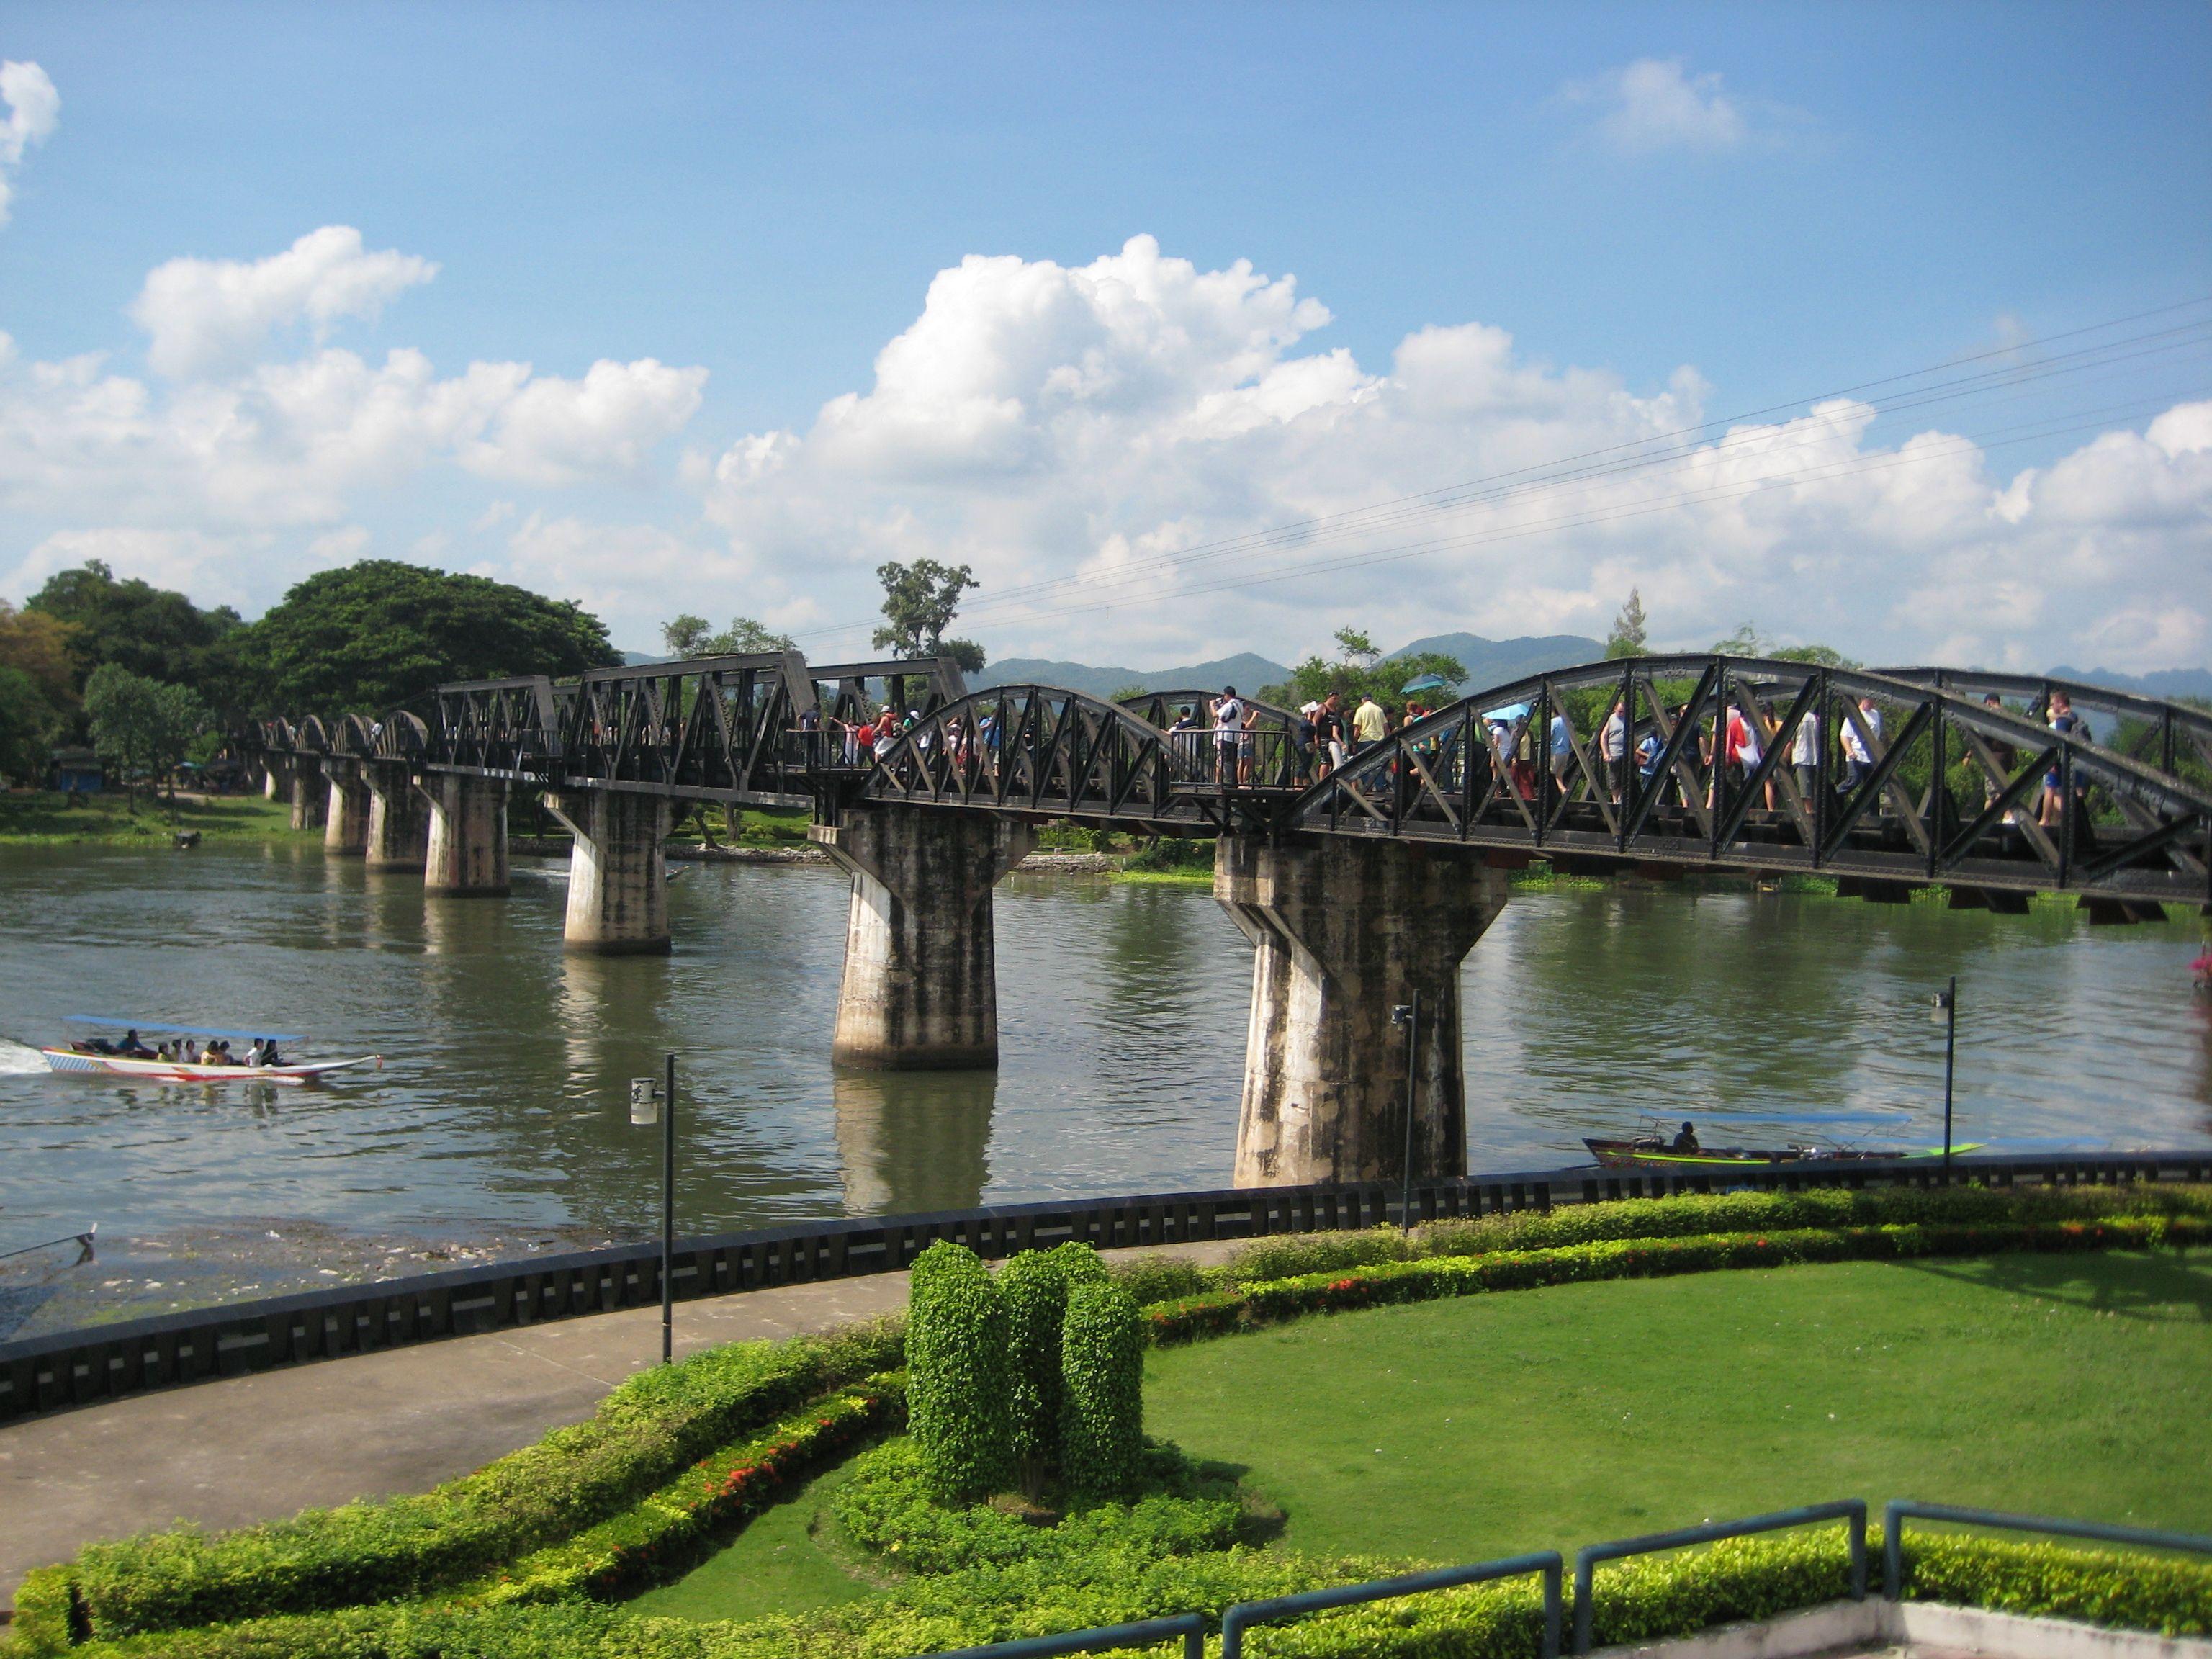 broen over kwai kart Broen over Kwai   OrkideEkspressen